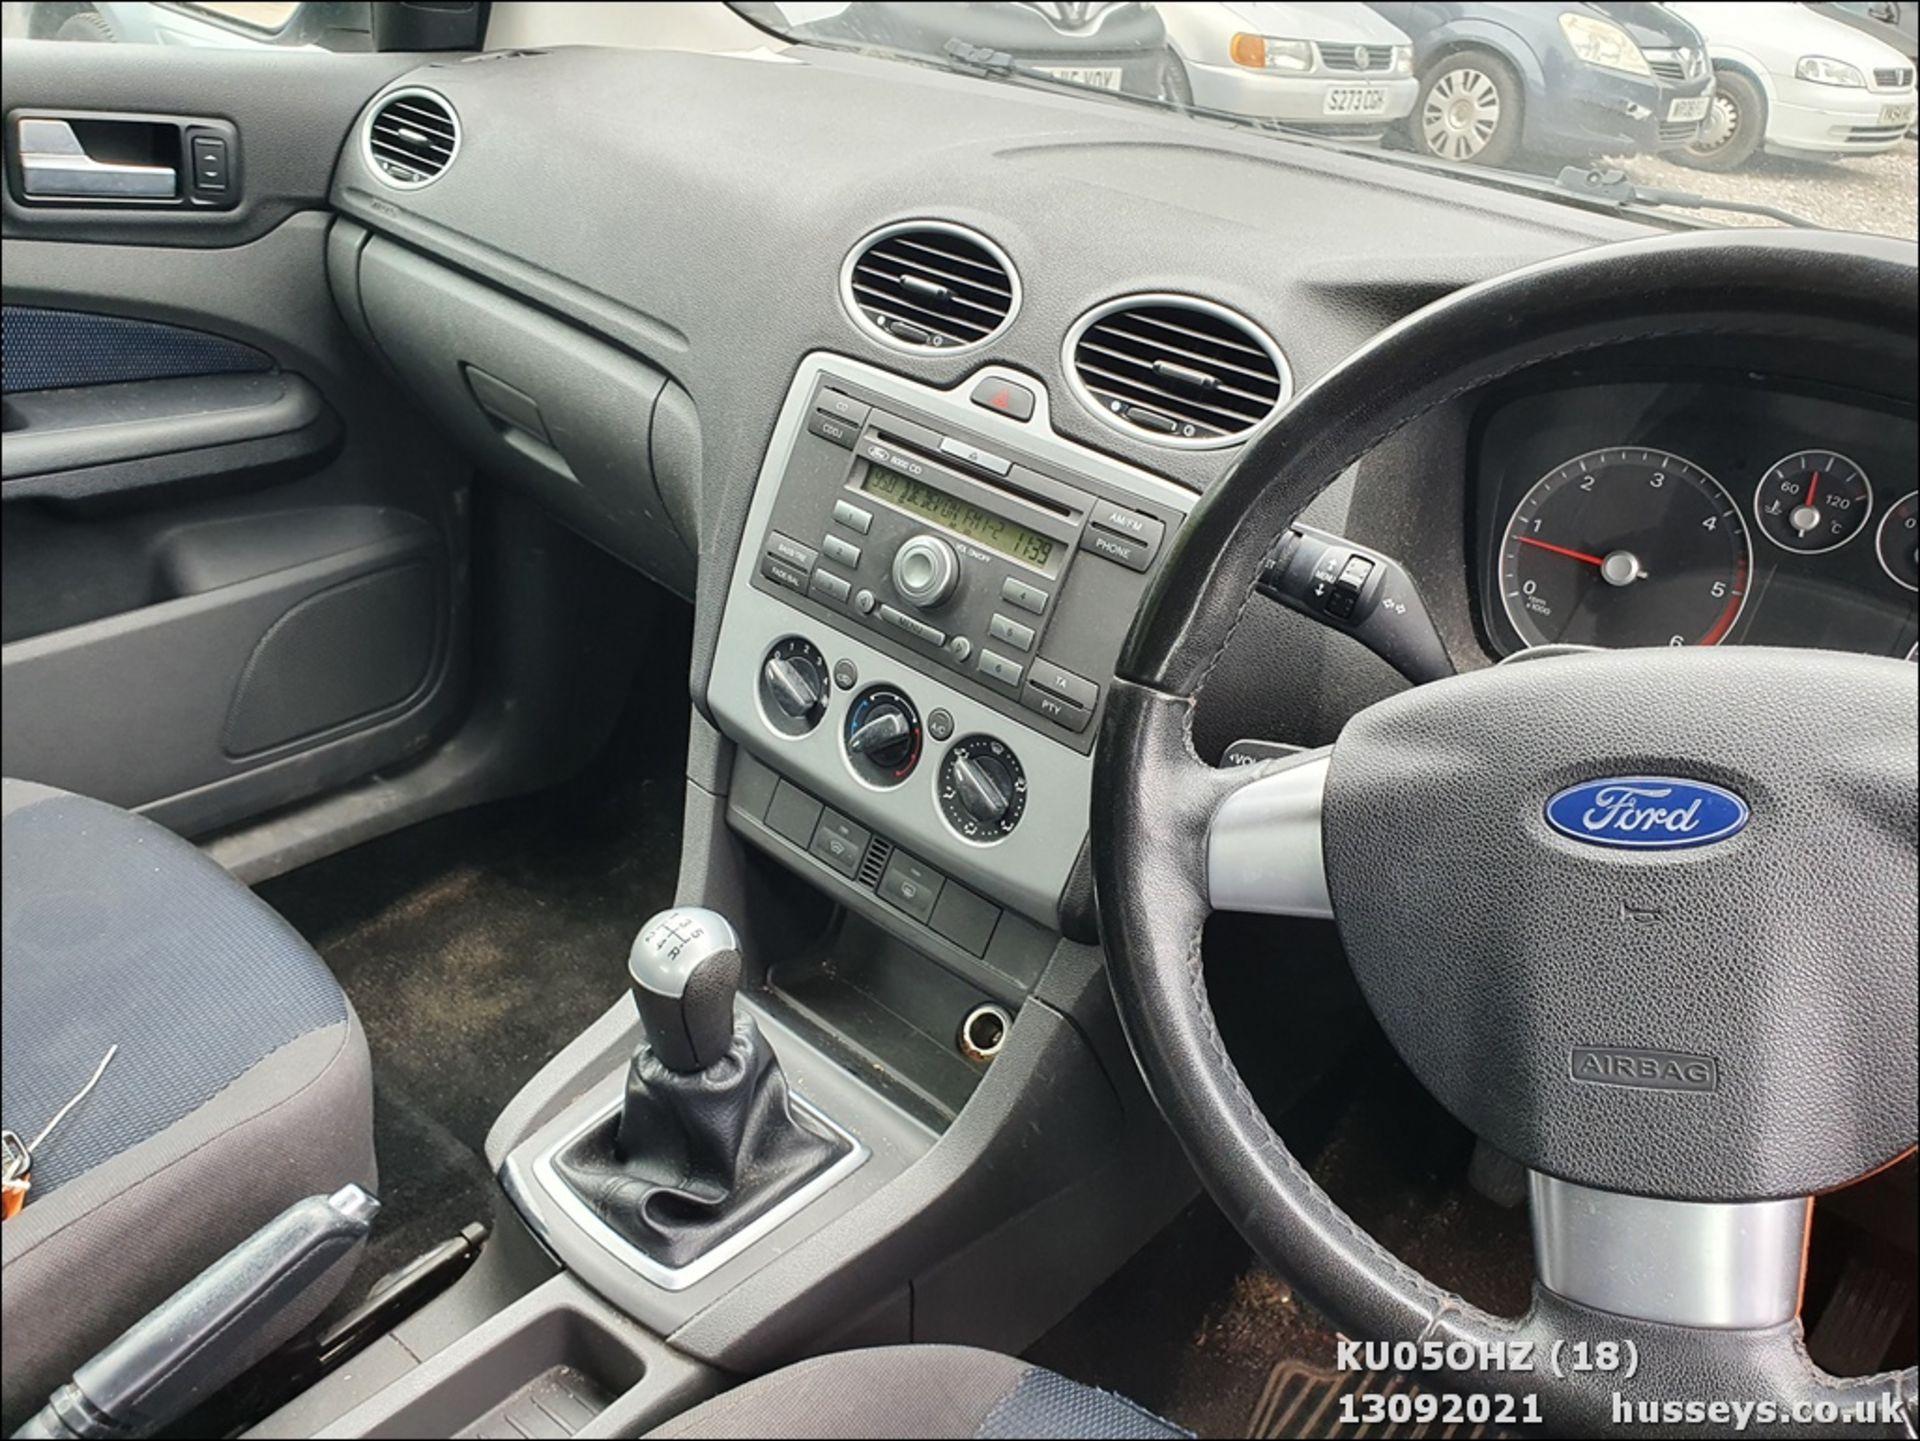 05/05 FORD FOCUS ZETEC CLIMATE TDCI - 1560cc 5dr Hatchback (Silver, 147k) - Image 18 of 18